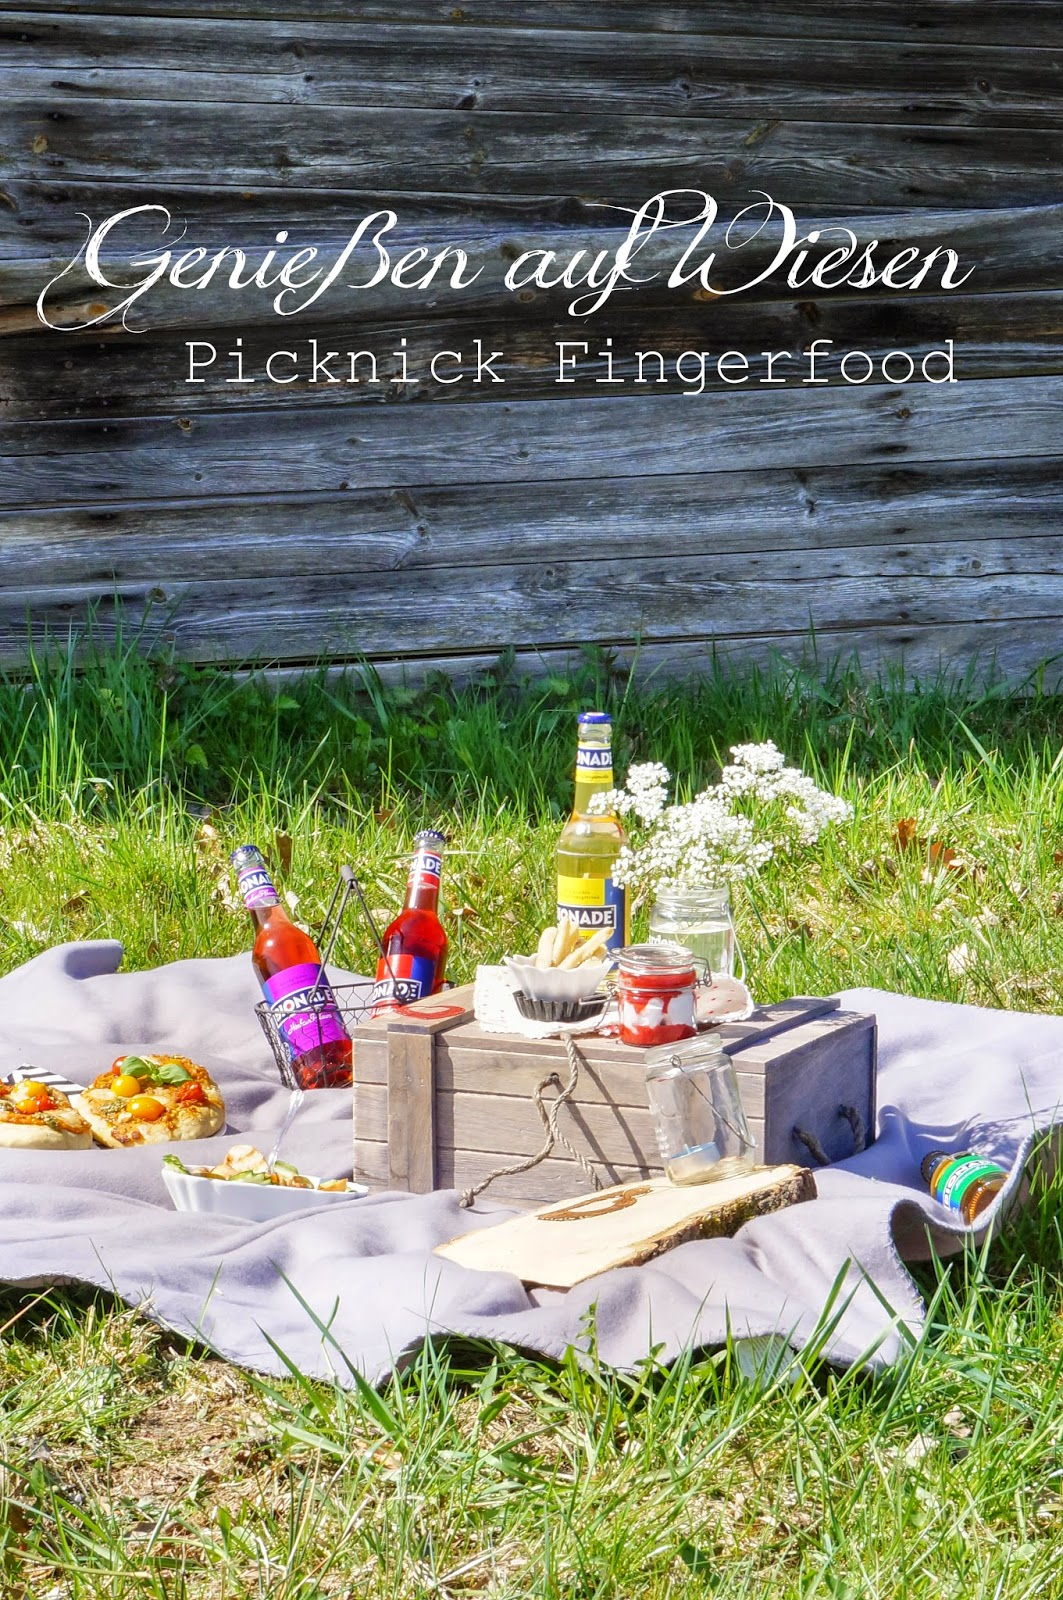 genie en auf wiesen picknick fingerfood ein blogevent. Black Bedroom Furniture Sets. Home Design Ideas